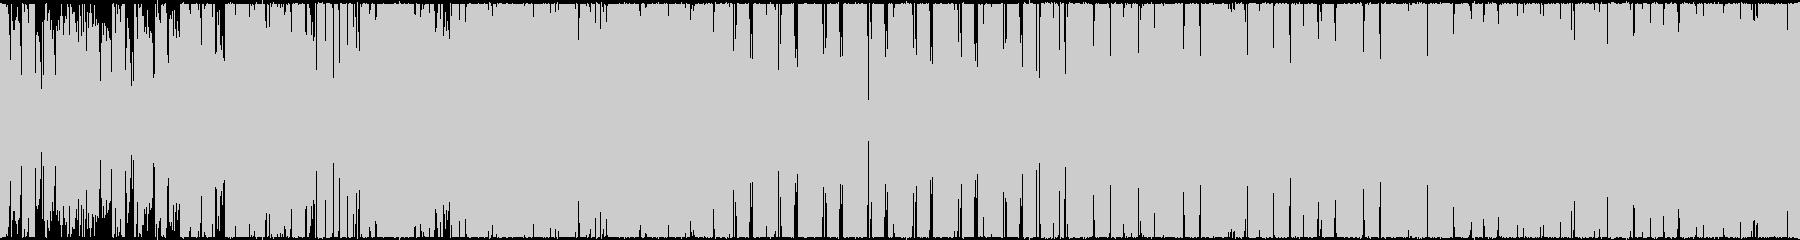 海・おしゃれ・さわやか・ループ音源の未再生の波形